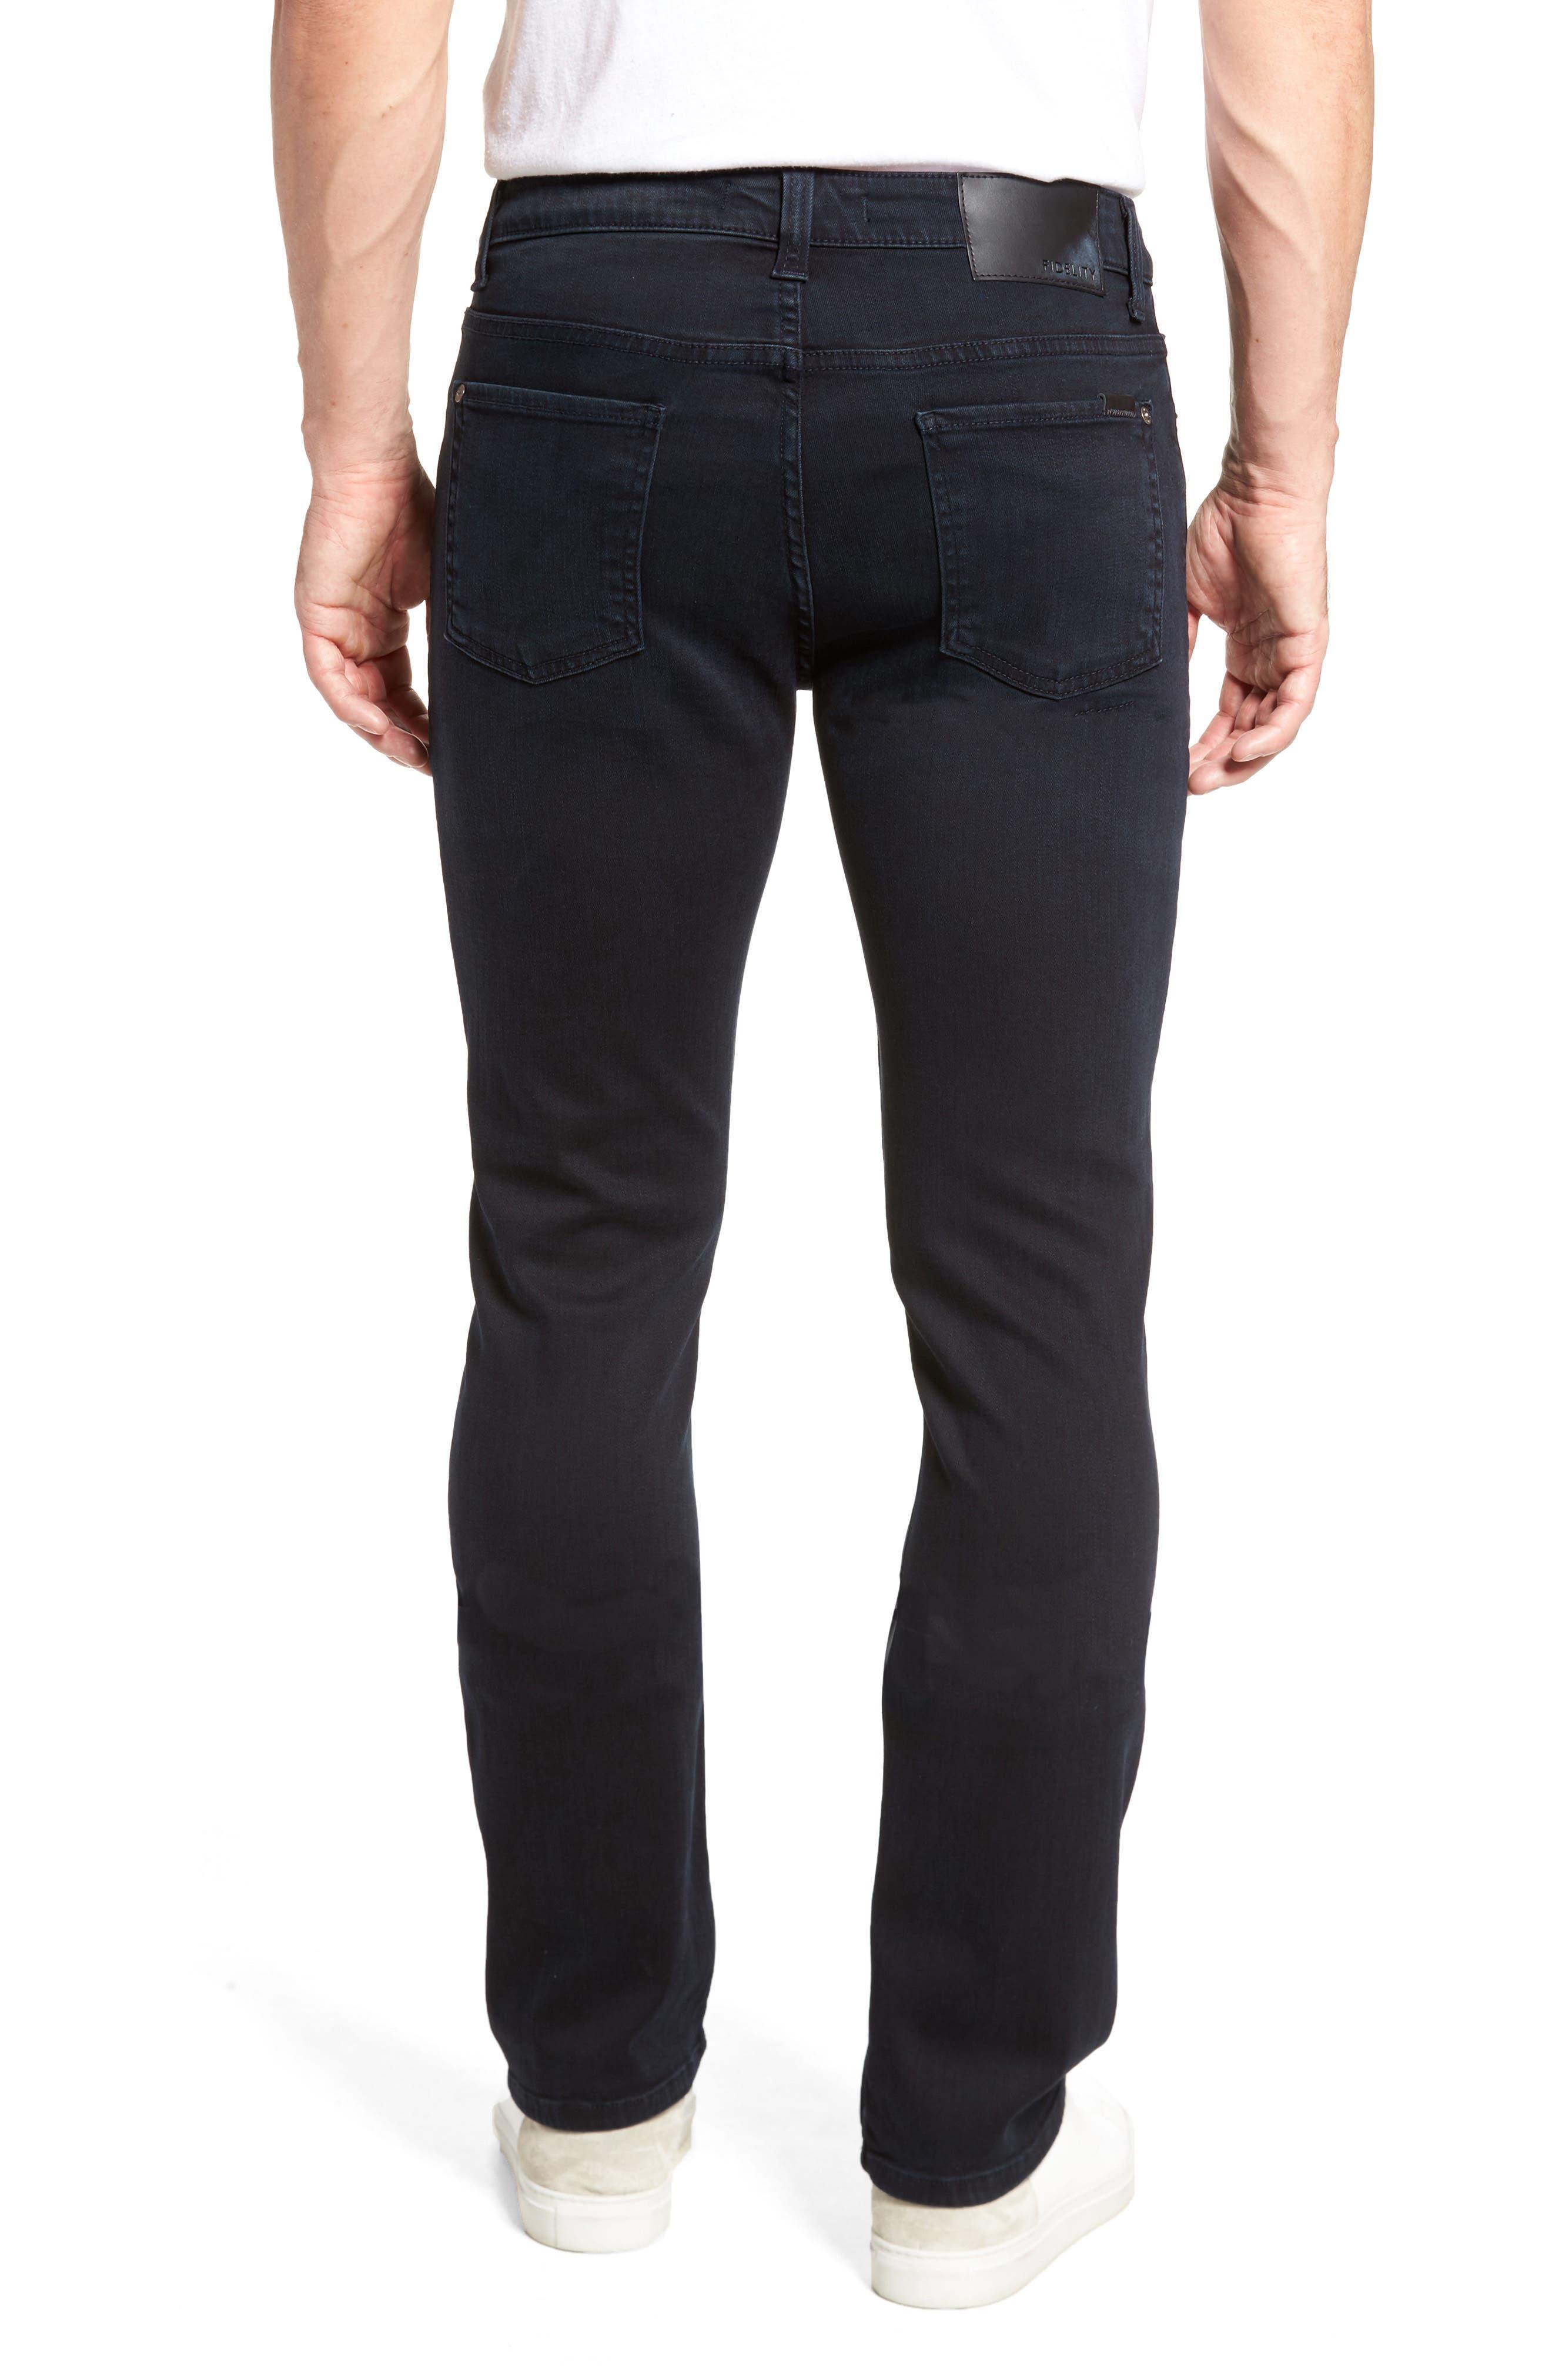 Impala Straight Leg Jeans,                             Alternate thumbnail 2, color,                             400